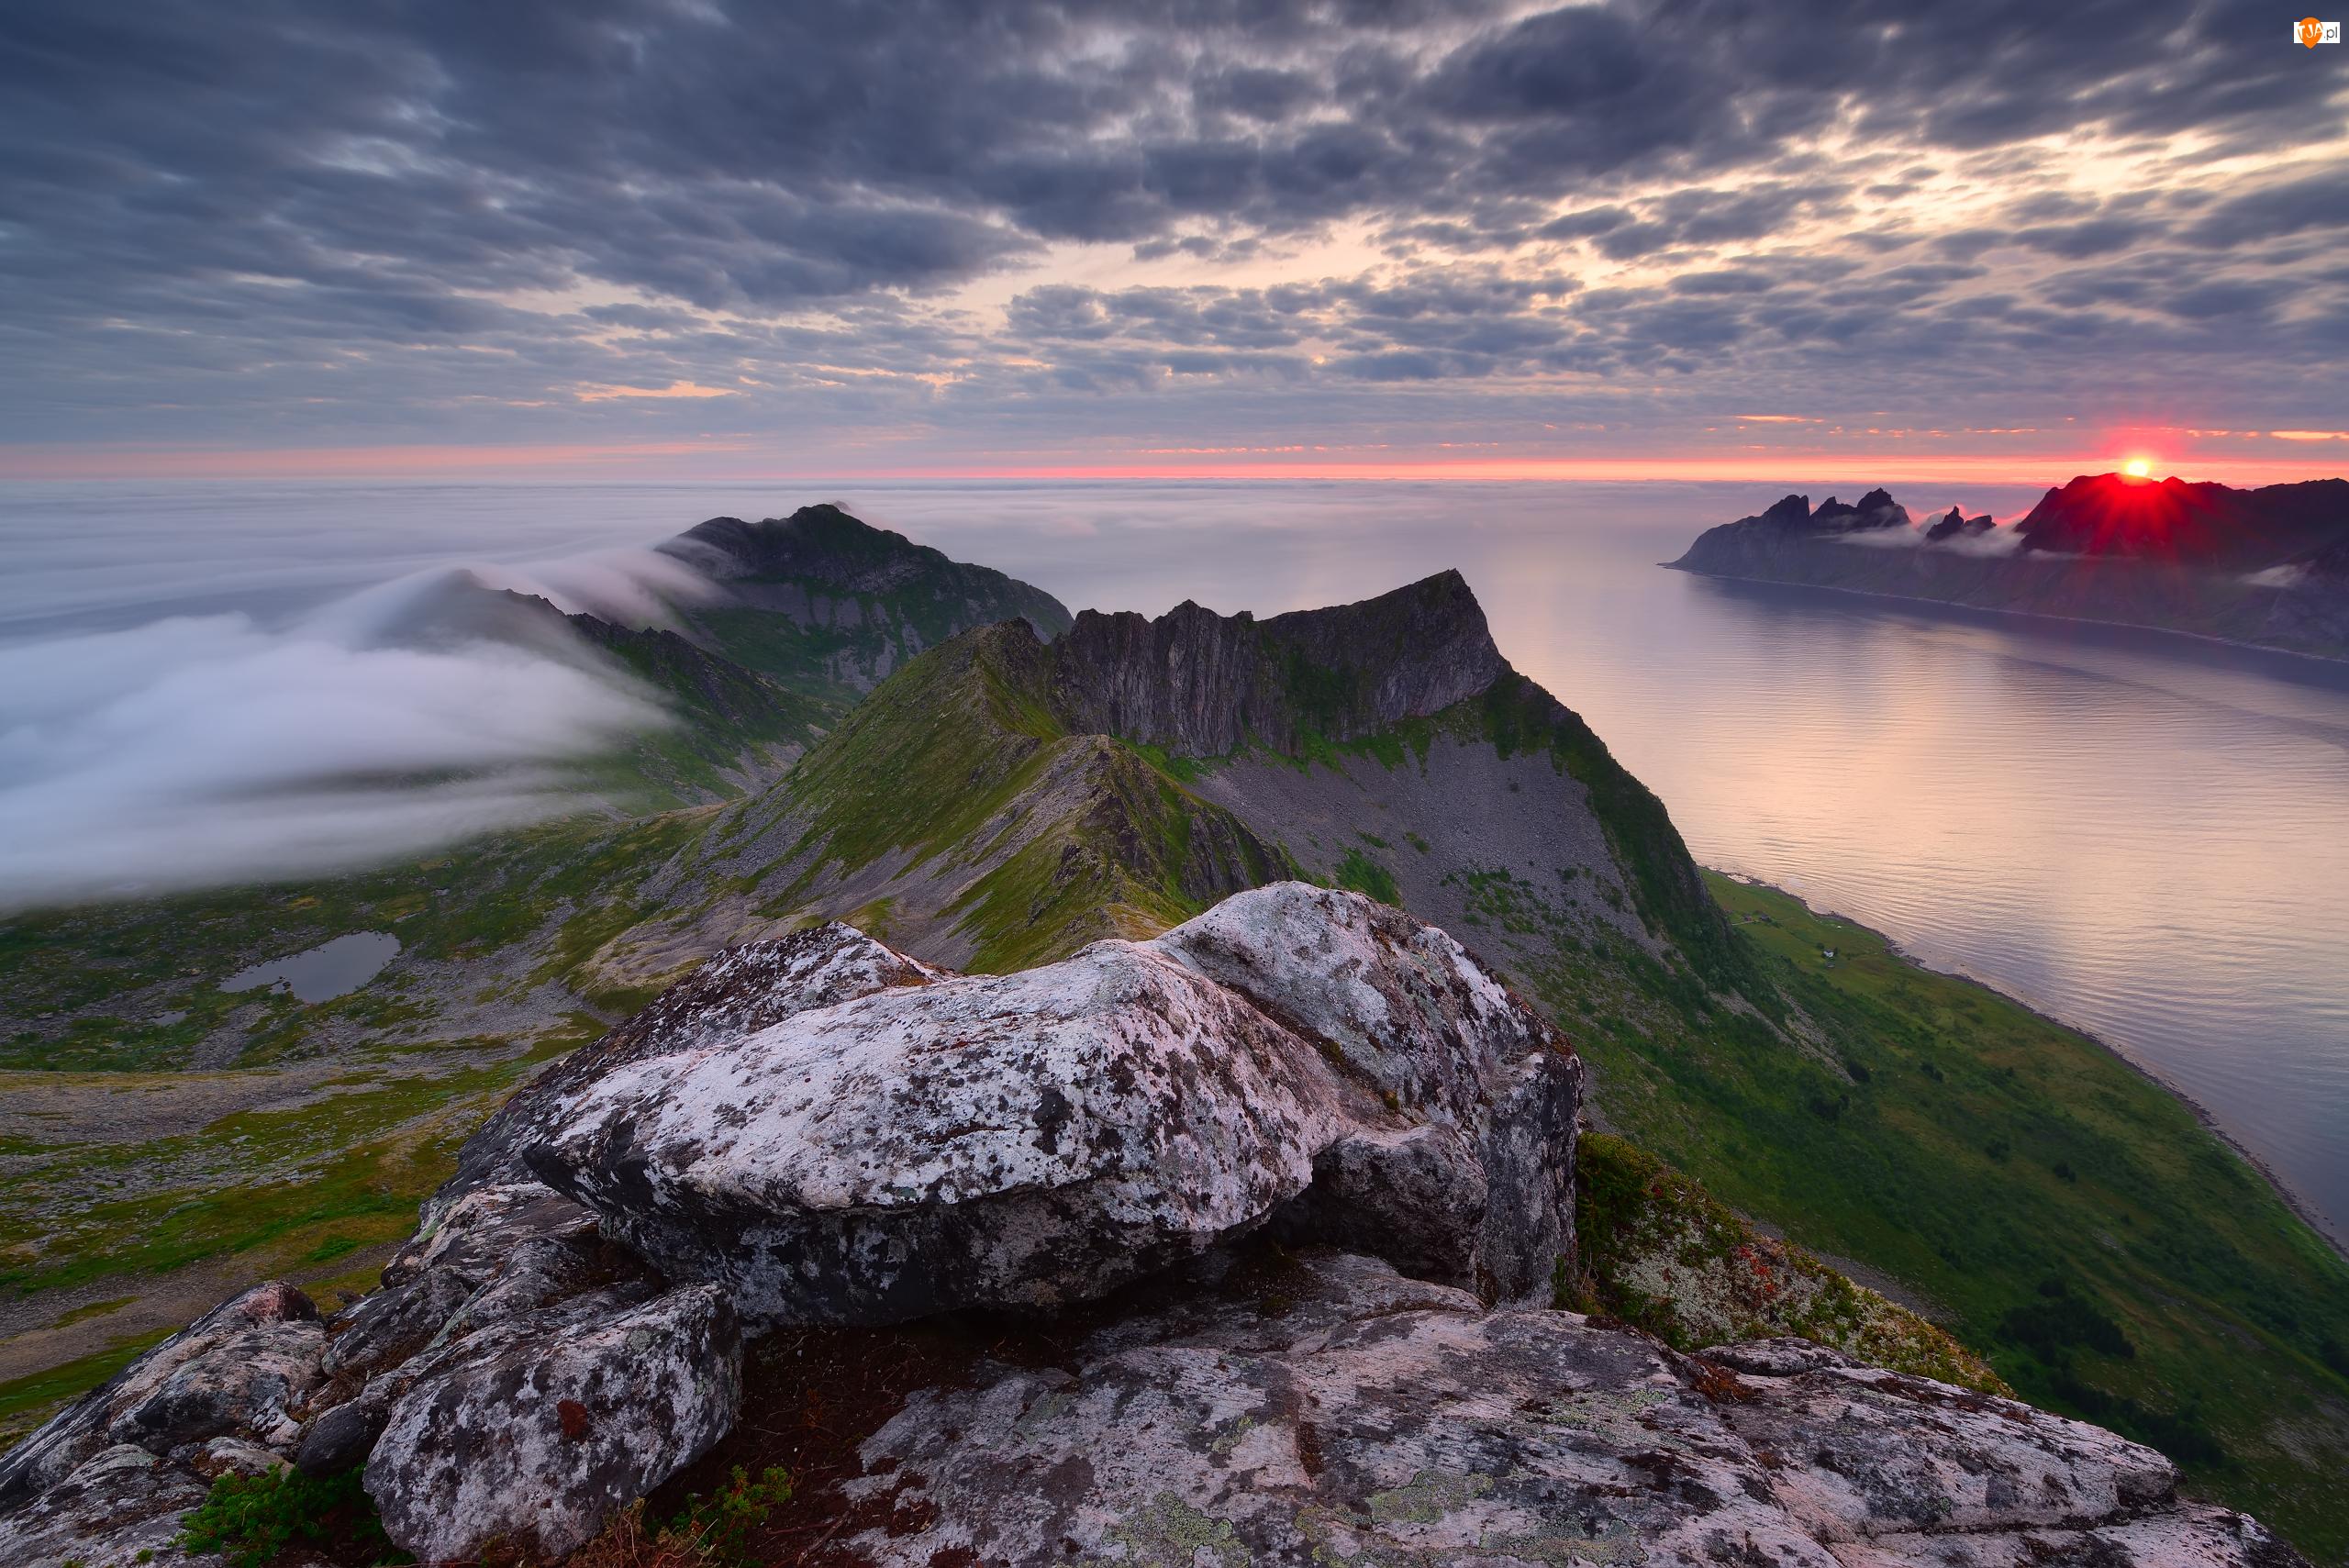 Mgła, Wschód słońca, Skały, Wyspa Senja, Morze, Szczyt Husfjellet, Norwegia, Góry